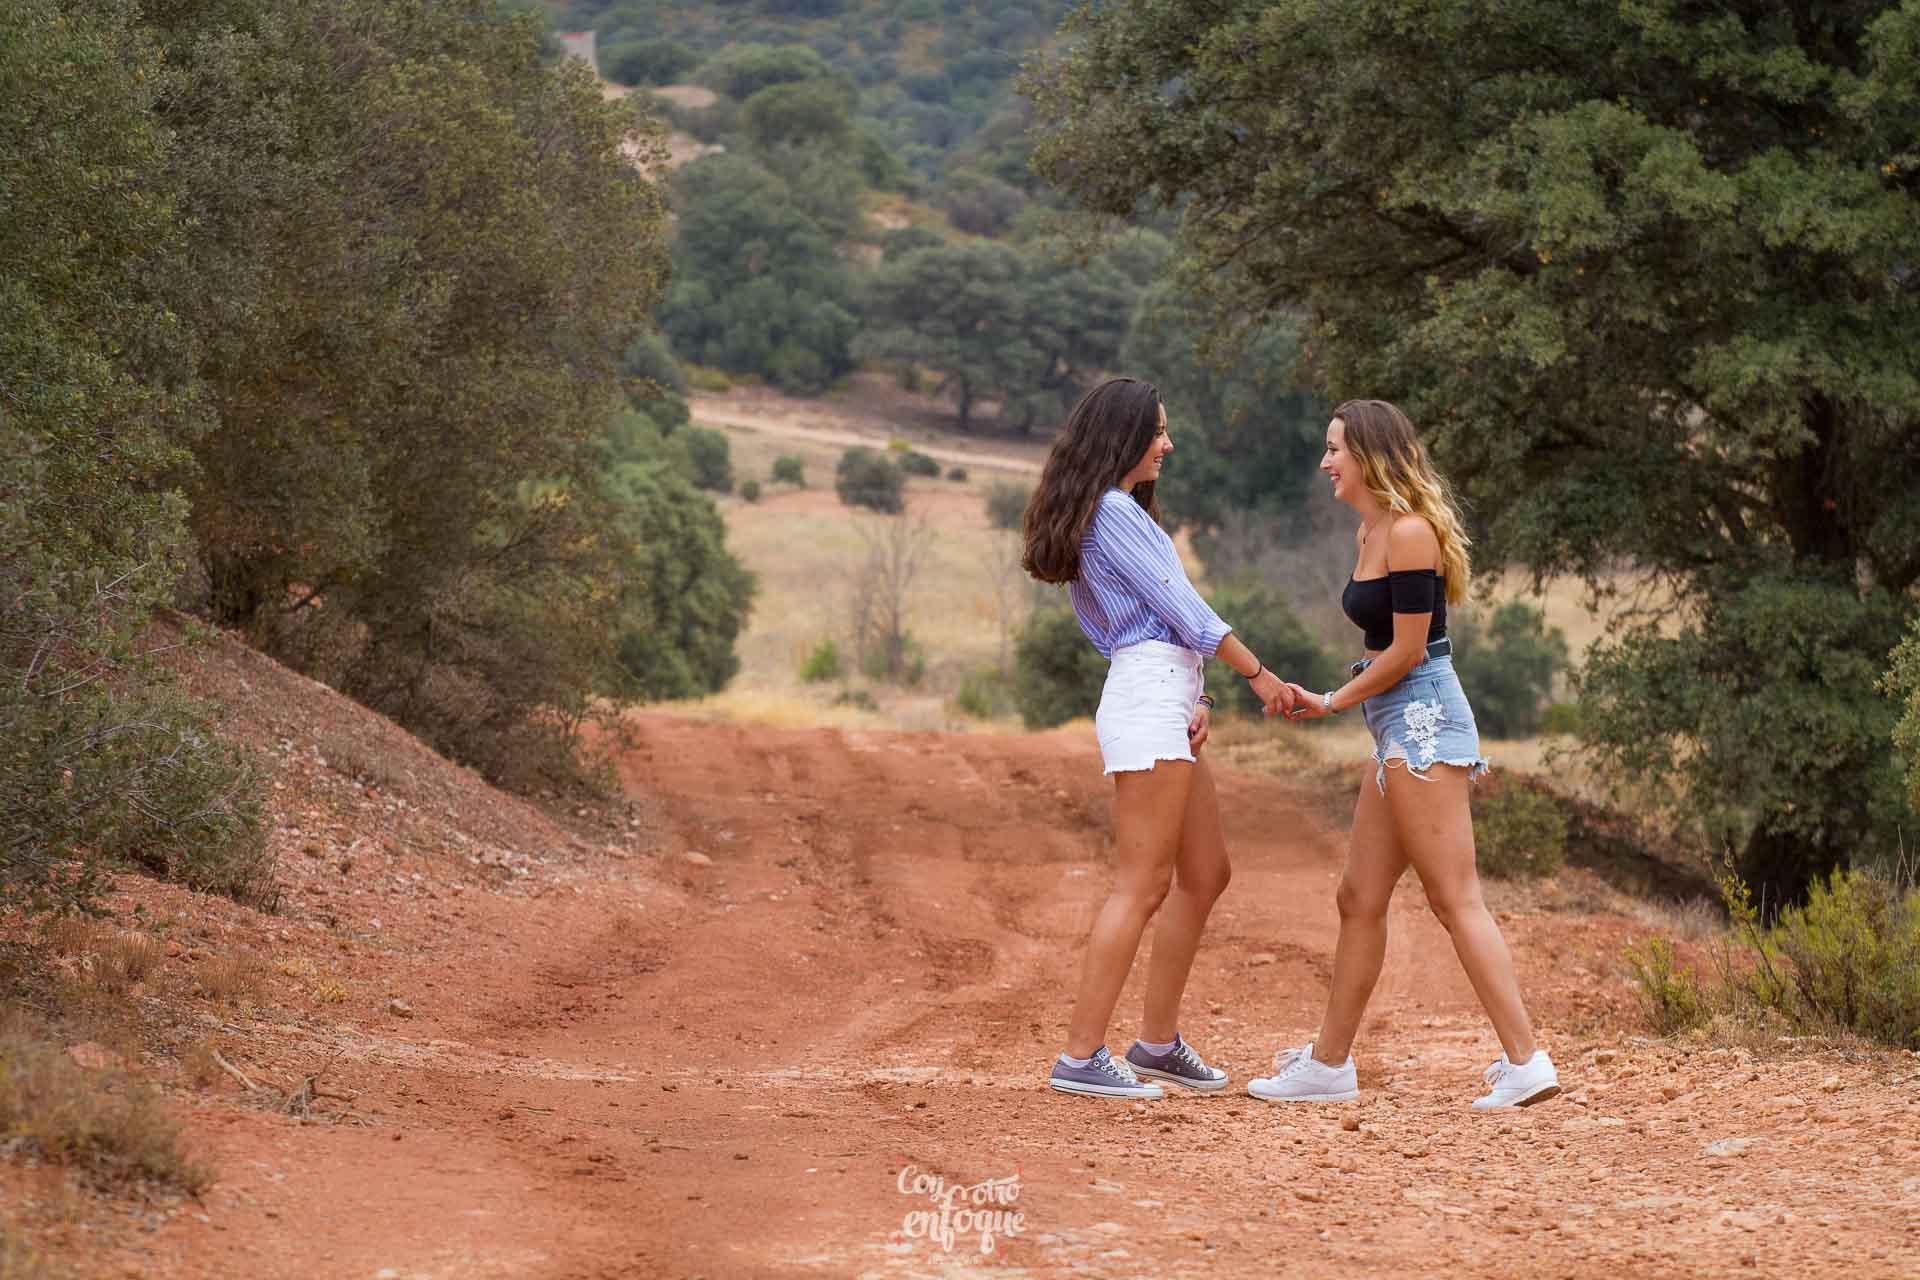 sesión de fotos por los caminos de La Mancha